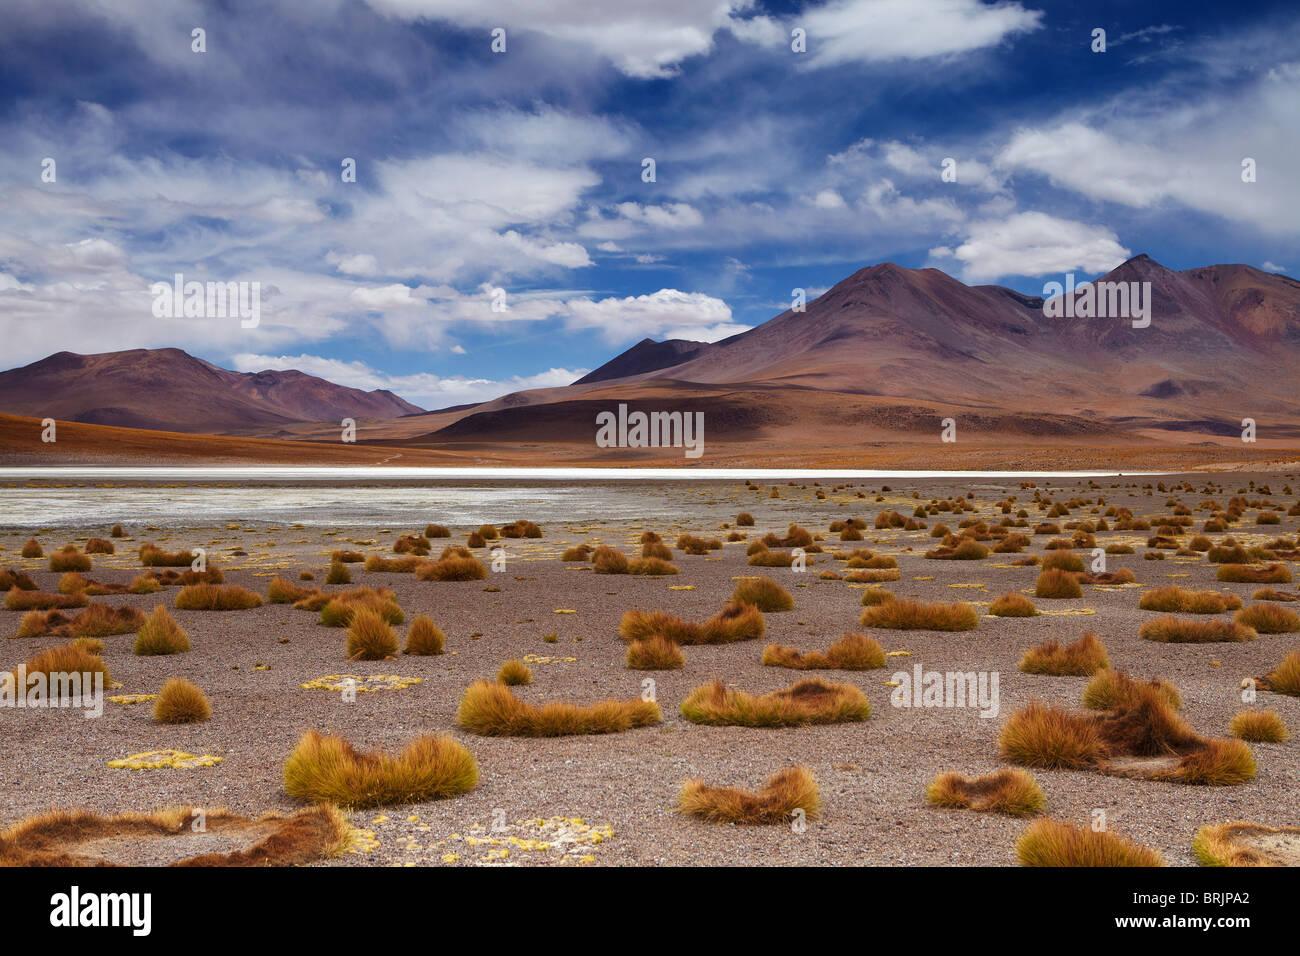 La remota región del alto desierto, el altiplano y los volcanes cerca Tapaquilcha, Bolivia Imagen De Stock